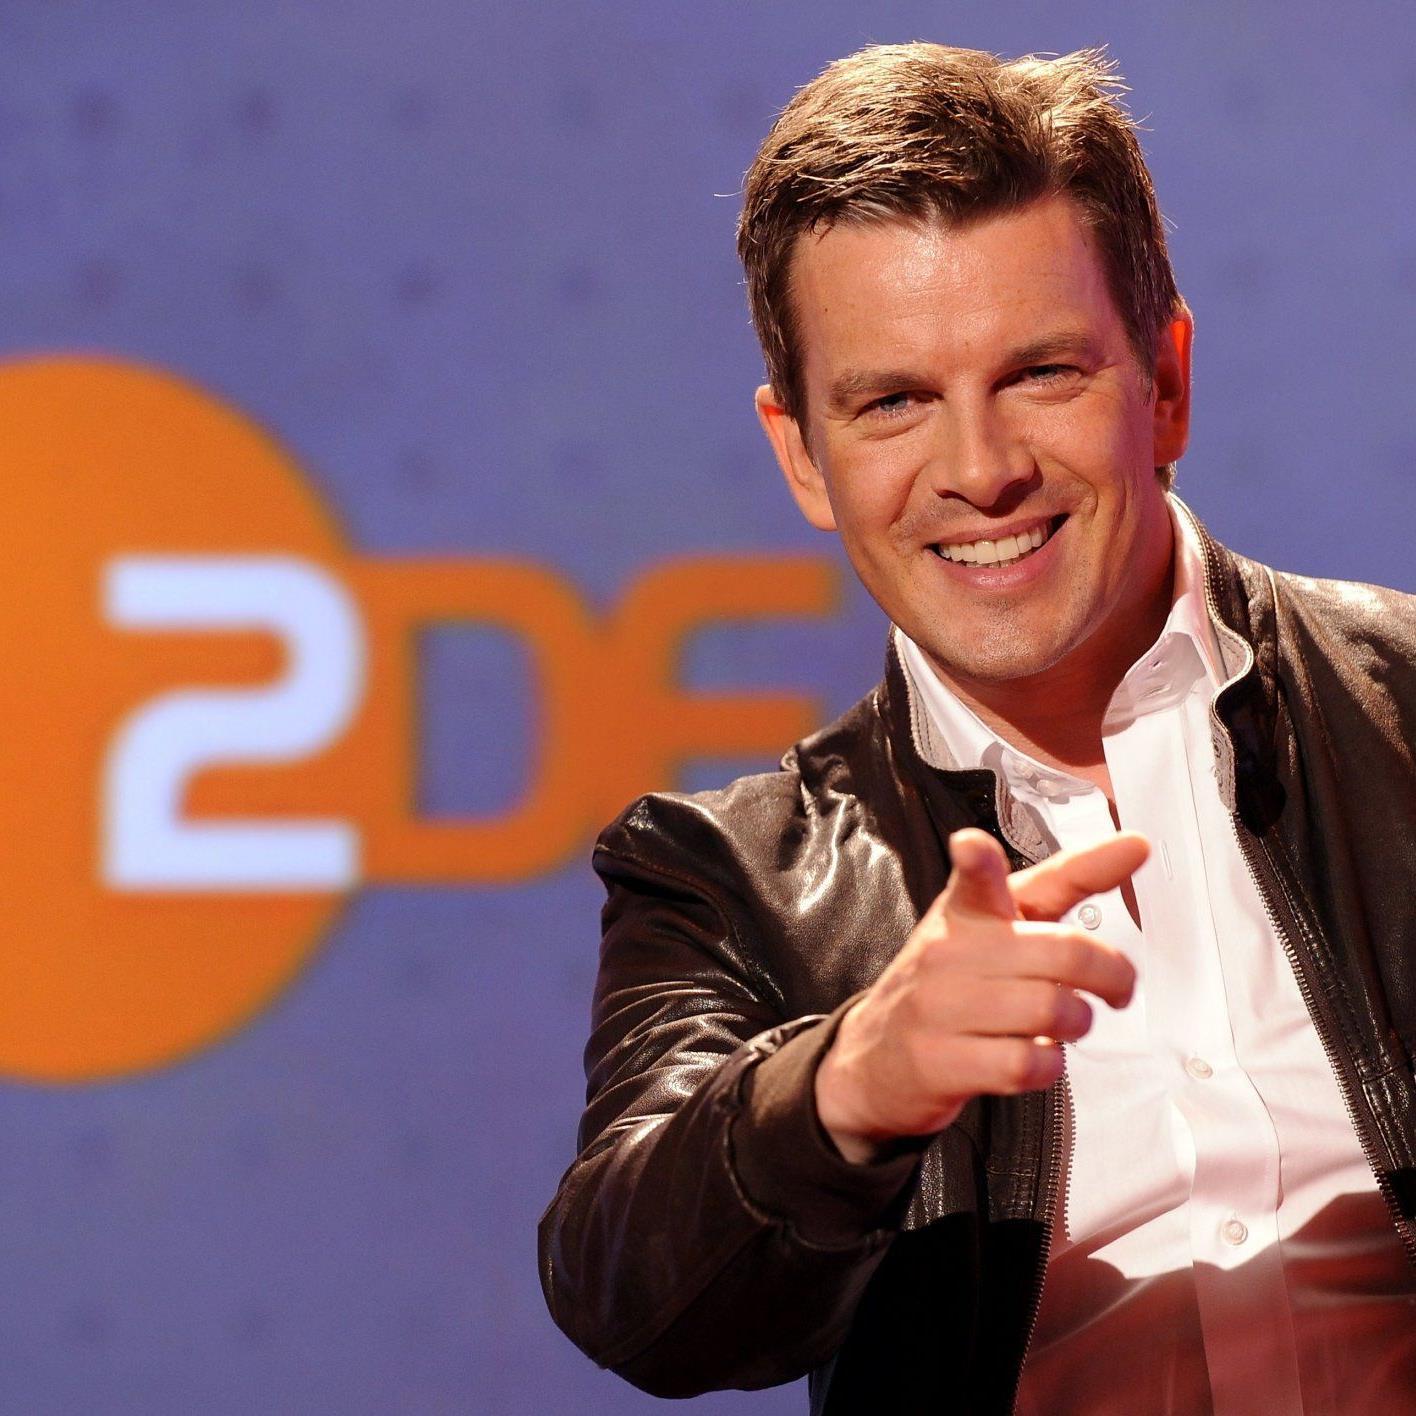 """Der ORF will auch nach der Verpflichtung von Markus Lanz an """"Wetten dass...?"""" festhalten."""